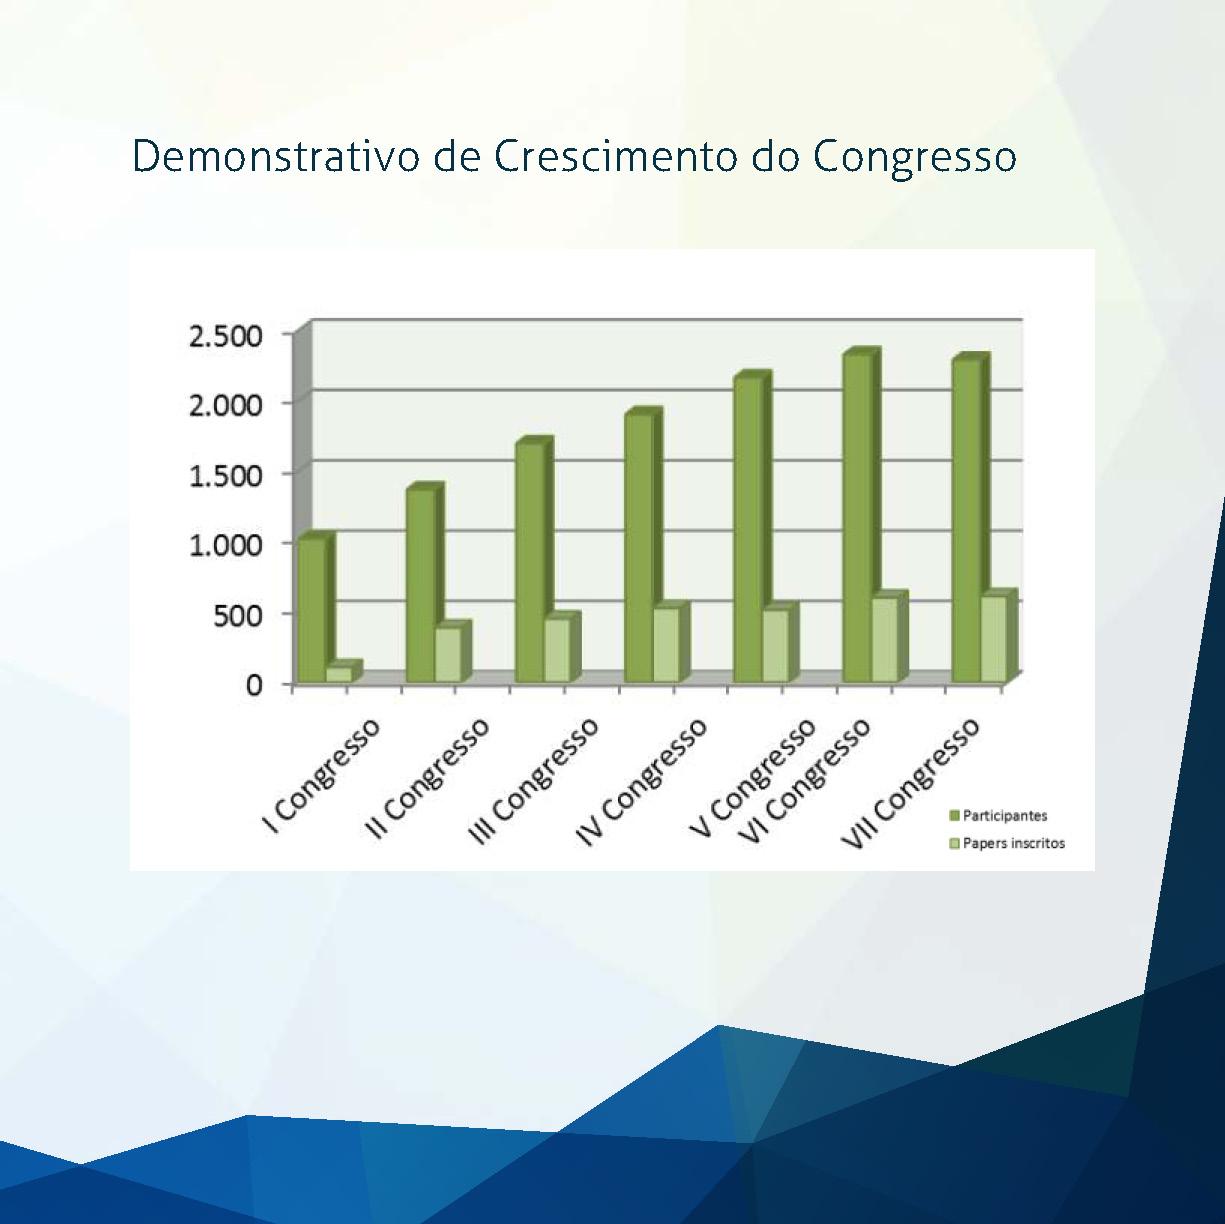 VIII Congresso Consad - Caderno Patrocinio V7_Page_07